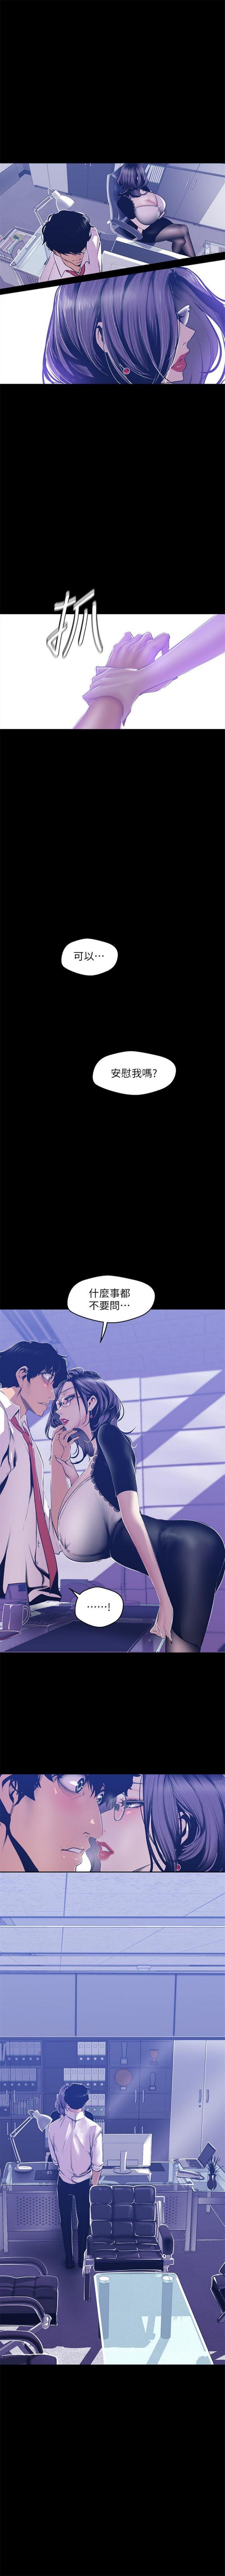 美麗新世界 1-85 官方中文(連載中) 681